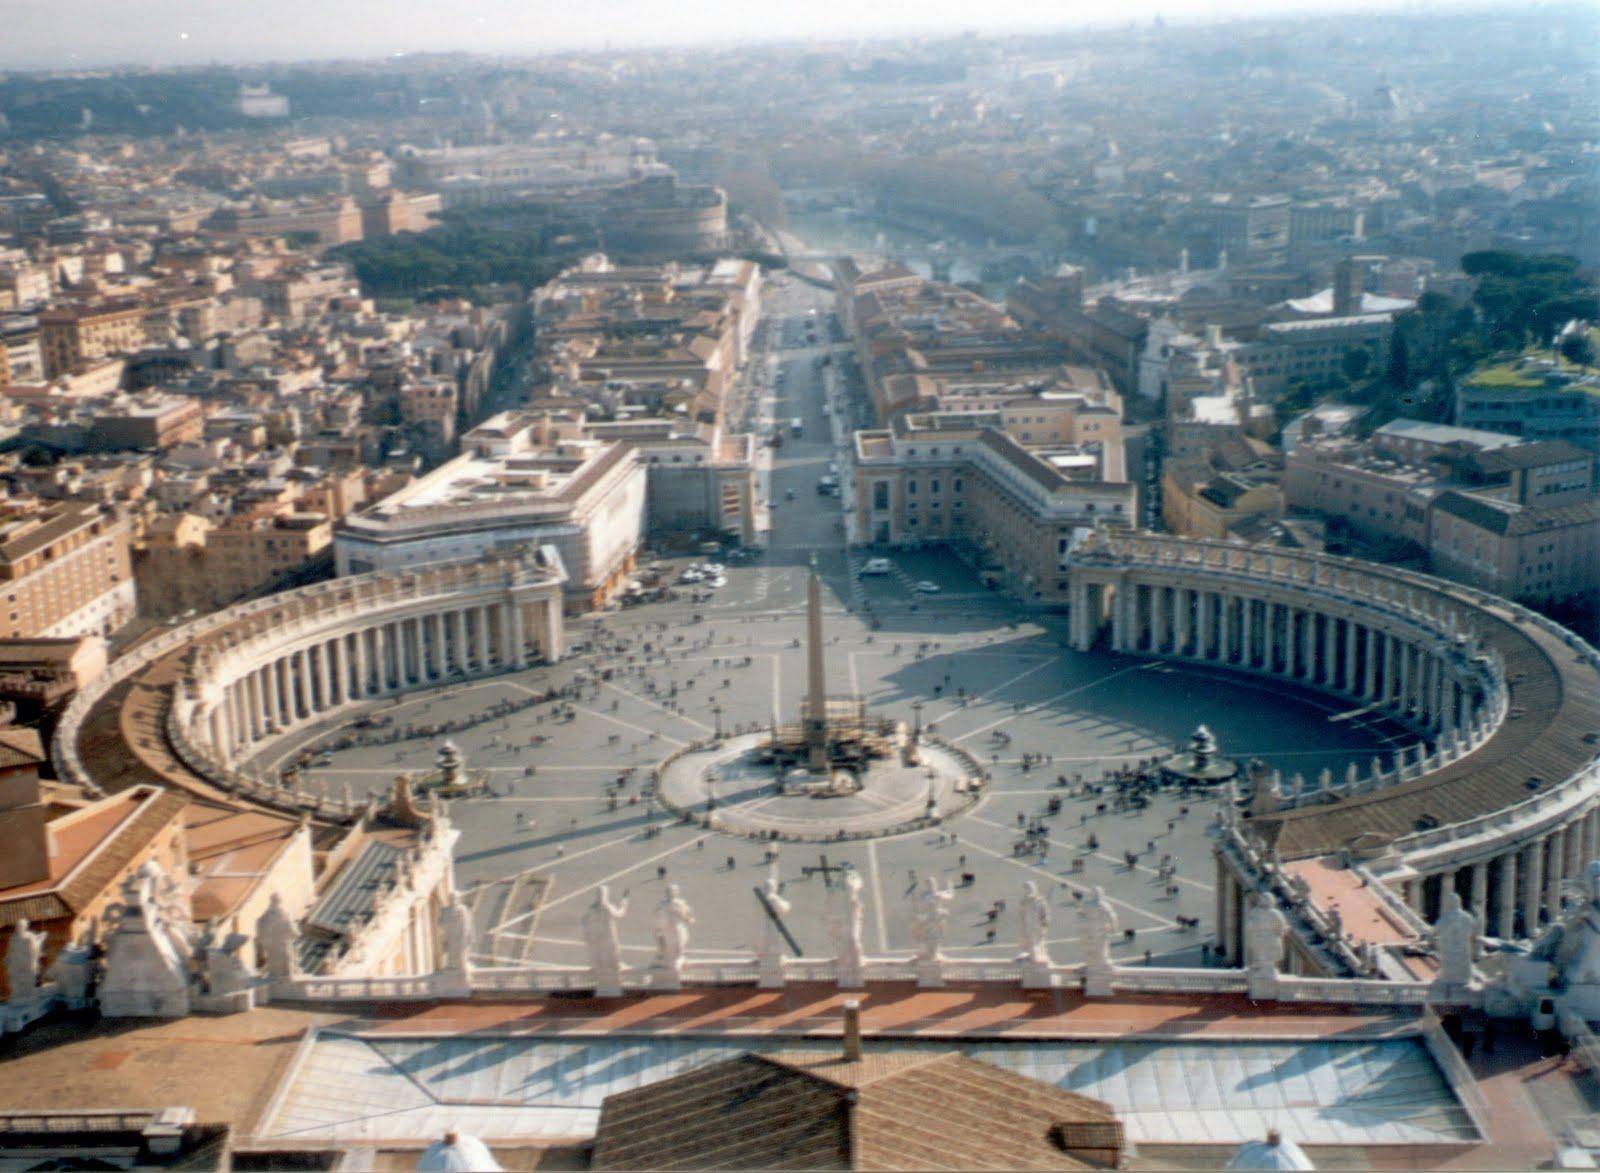 http://2.bp.blogspot.com/-6ebAEeKWQkg/Tf_HqzYORcI/AAAAAAAAALk/kmo_qgw9UxE/s1600/Piazza_San_Pietro_%2528febbraio_2005%2529.jpg